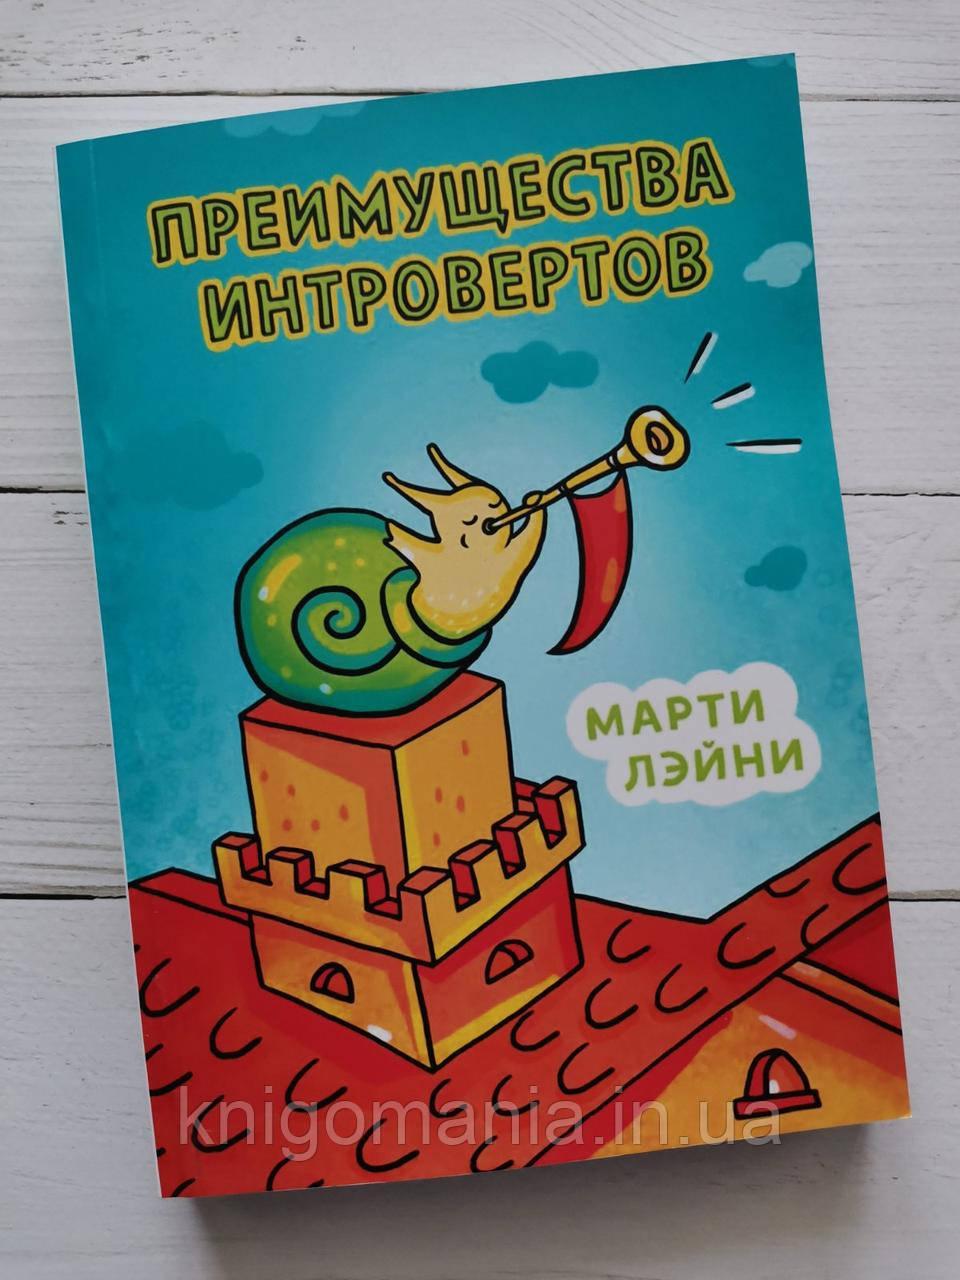 """""""Преимущества интровертов"""" Марти Лэйни"""